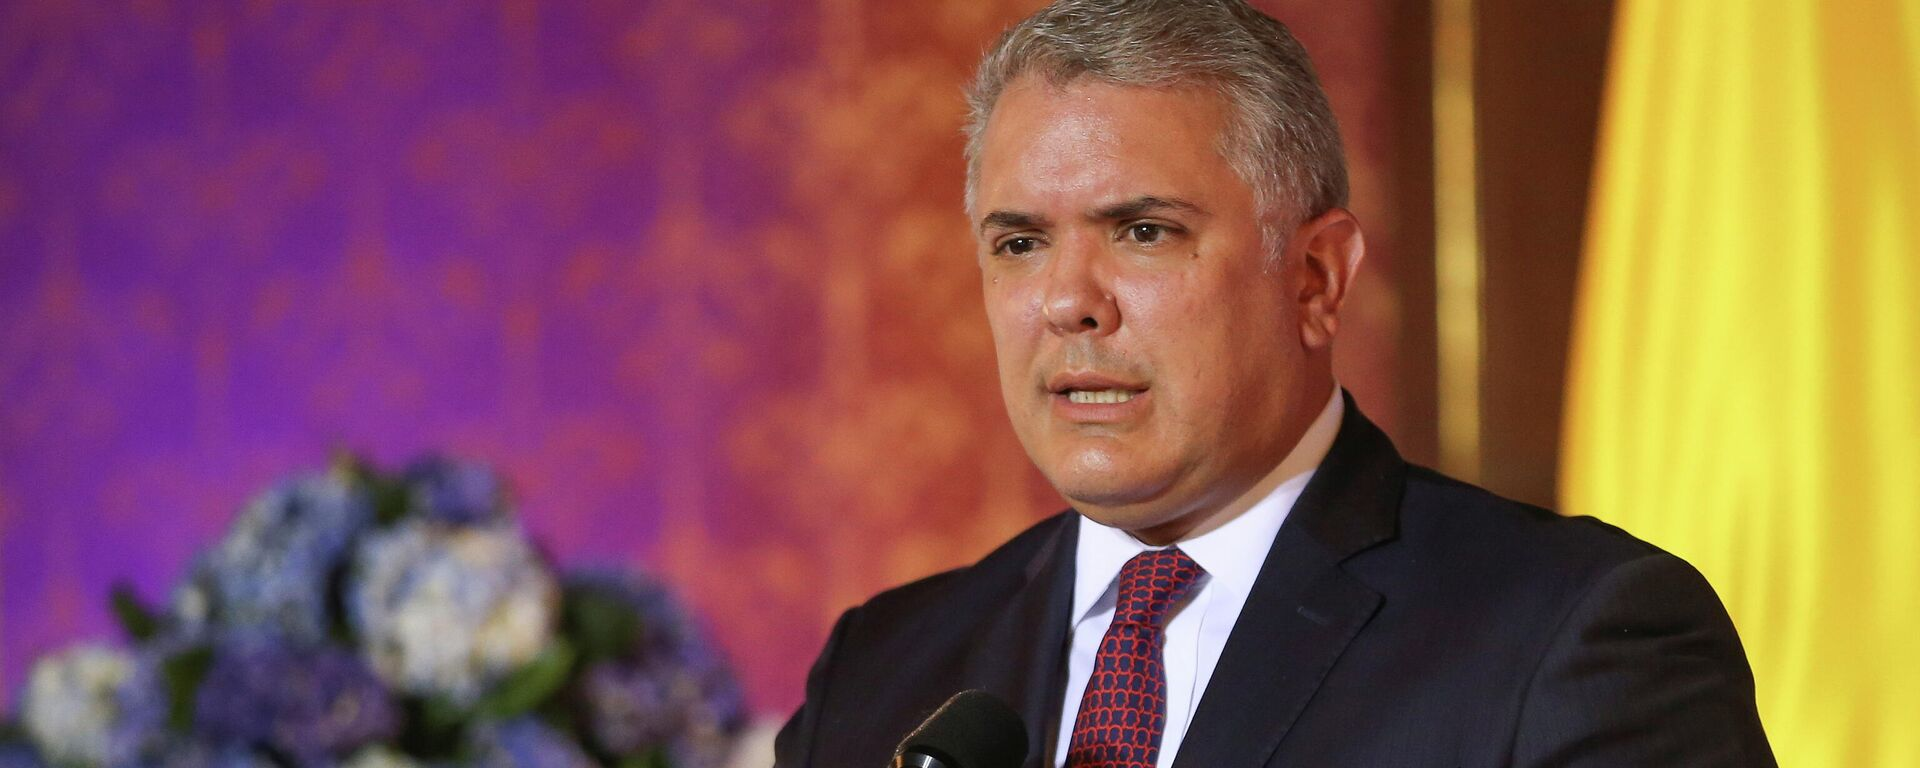 Iván Duque, presidente de Colombia - Sputnik Mundo, 1920, 23.09.2021